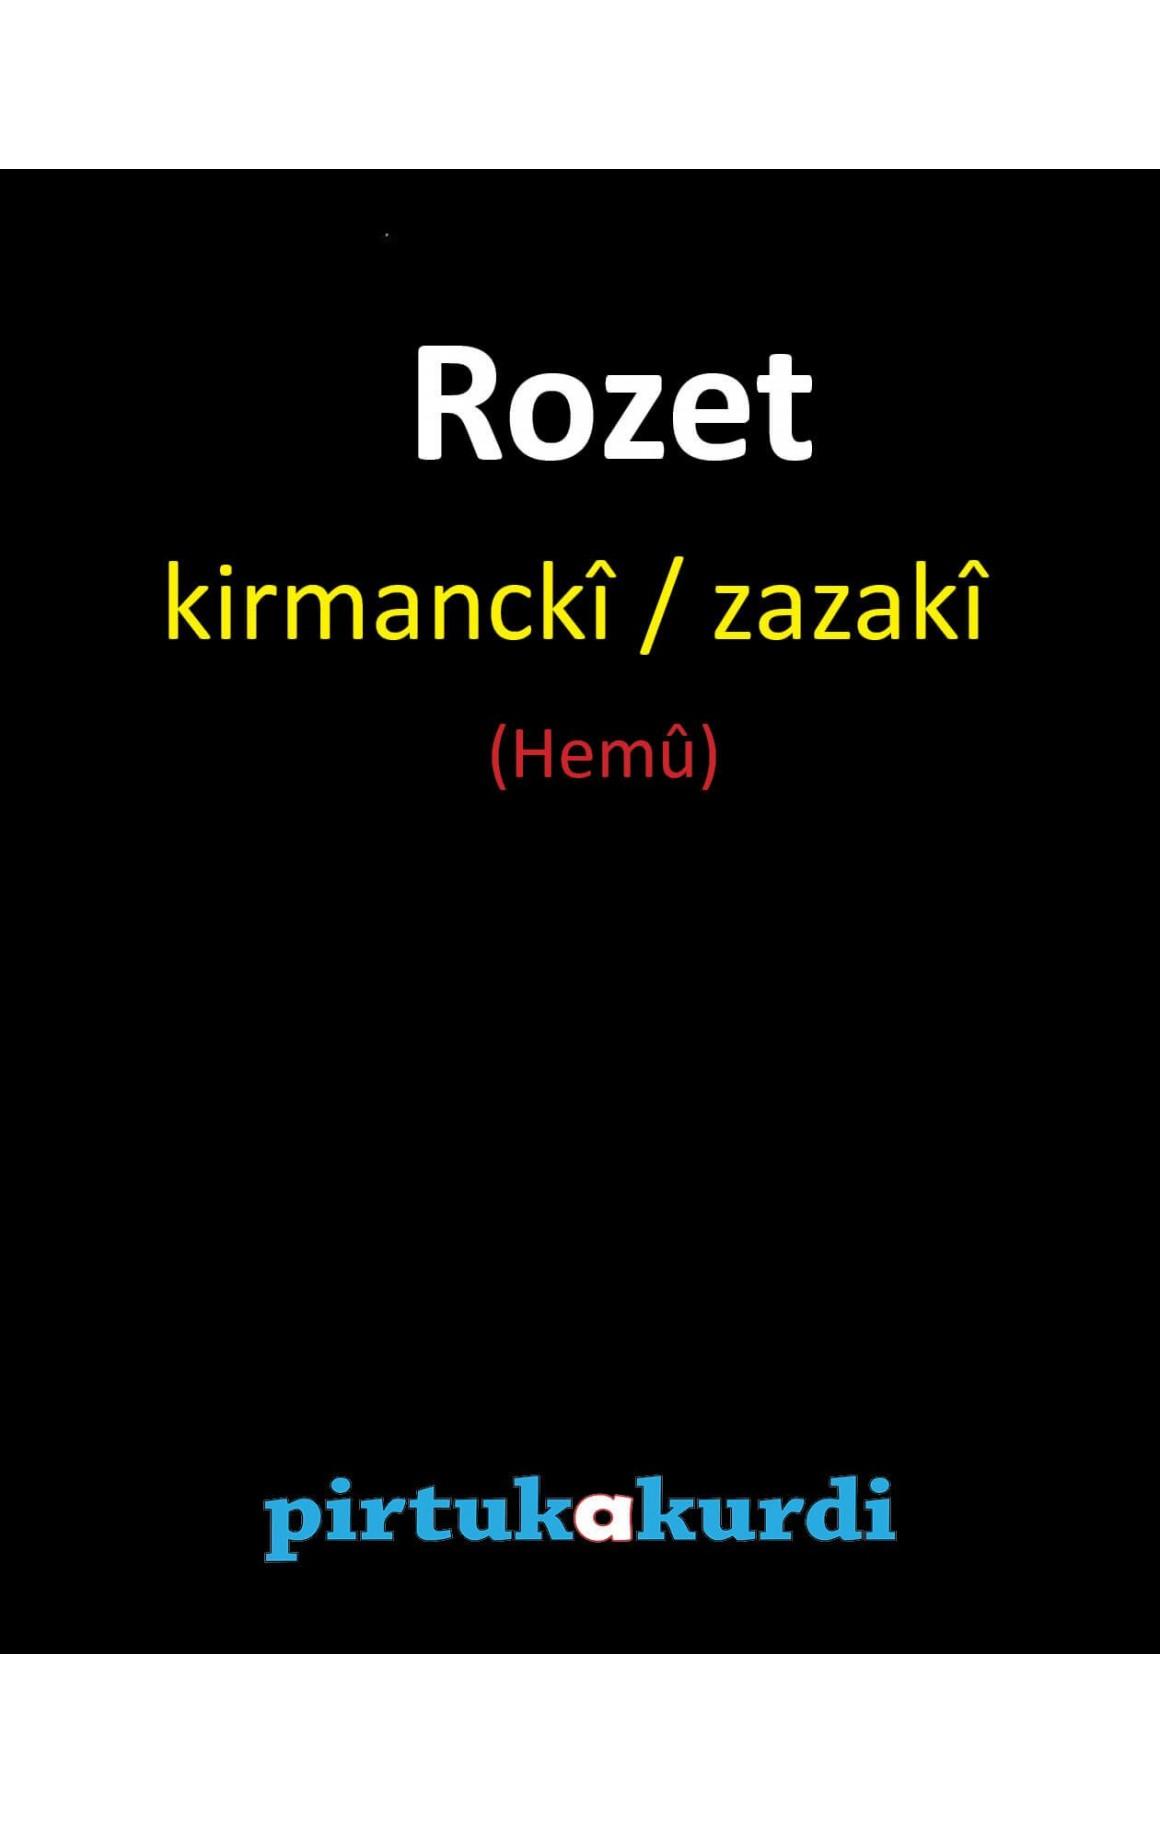 Rozet - set kirmanckî / zazakî